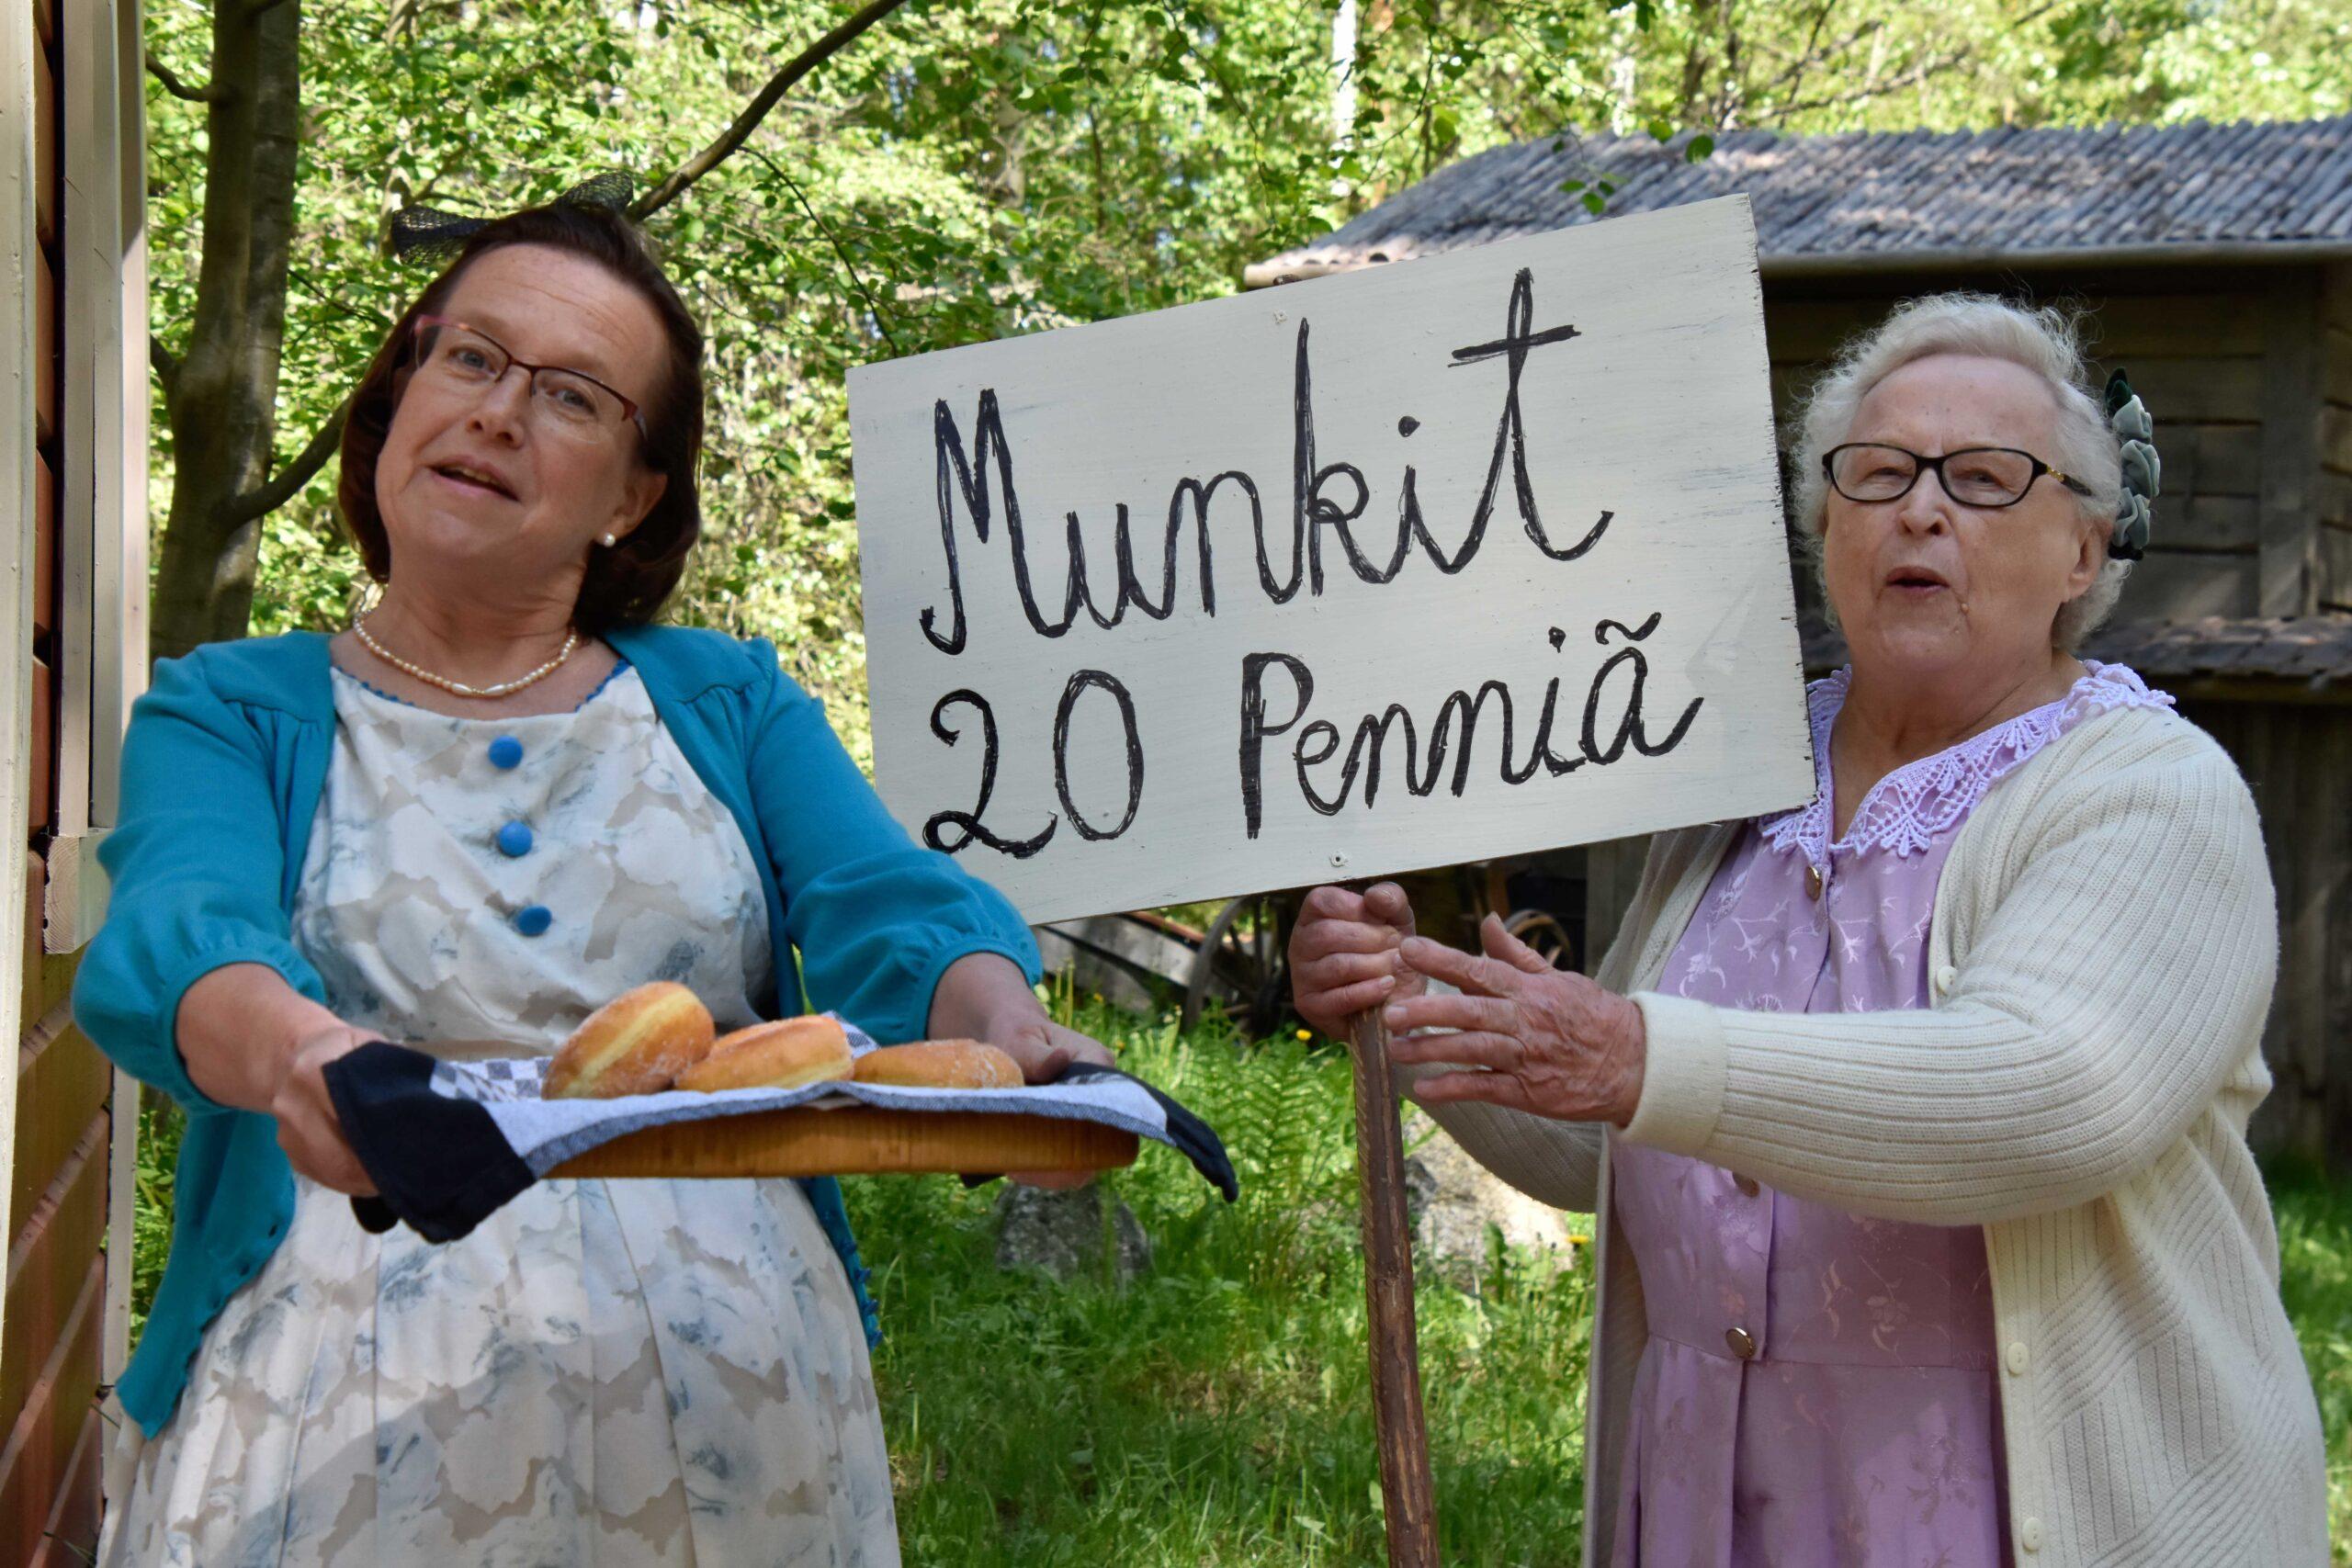 Kaksi naista myymässä munkkeja 20 pennillä.